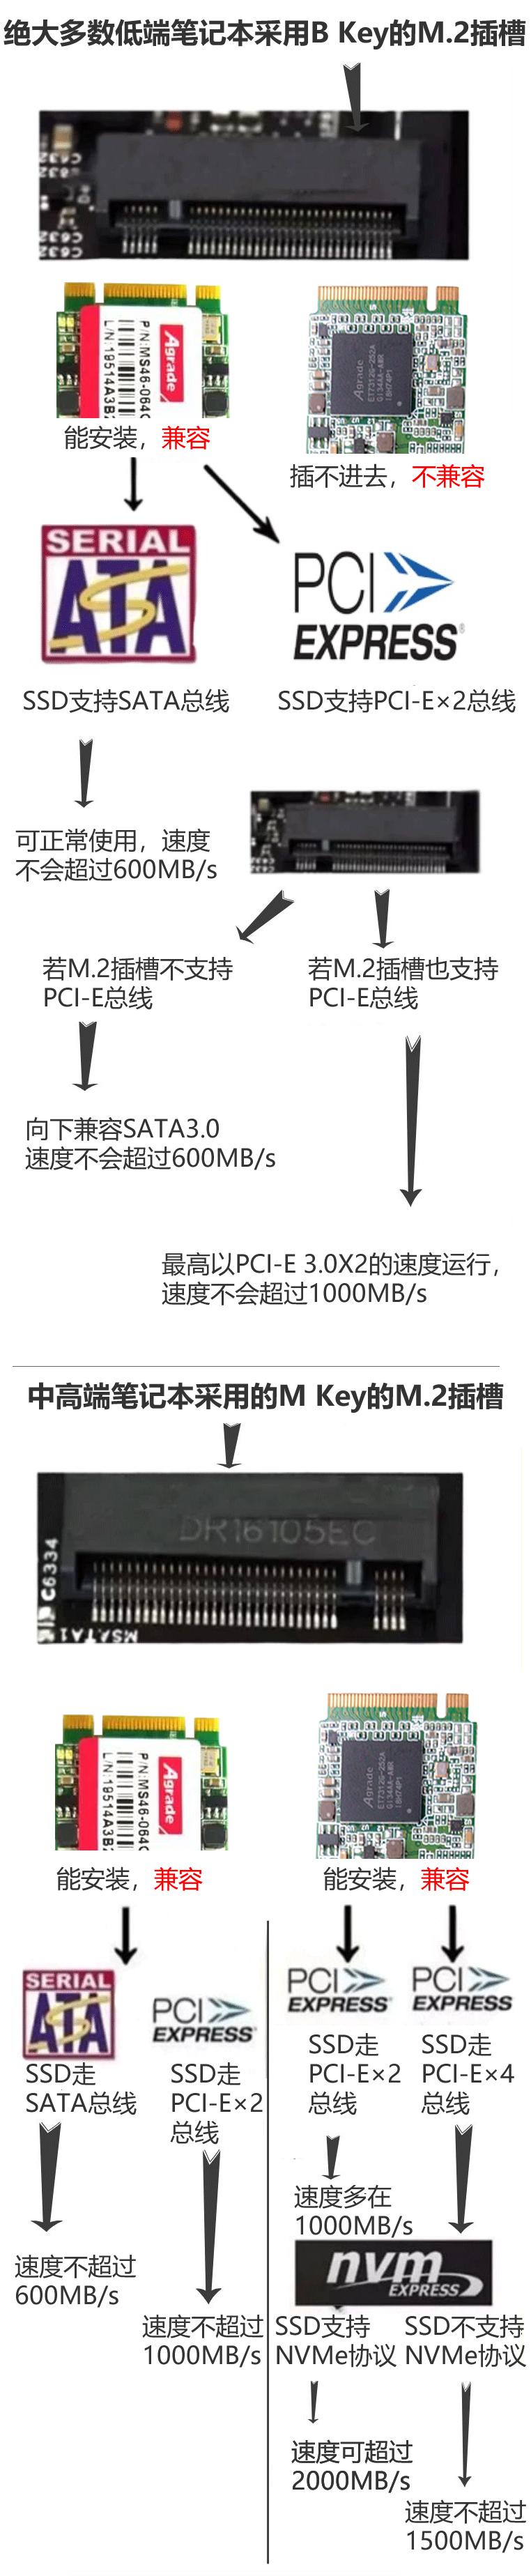 带你了解M.2固态硬盘3